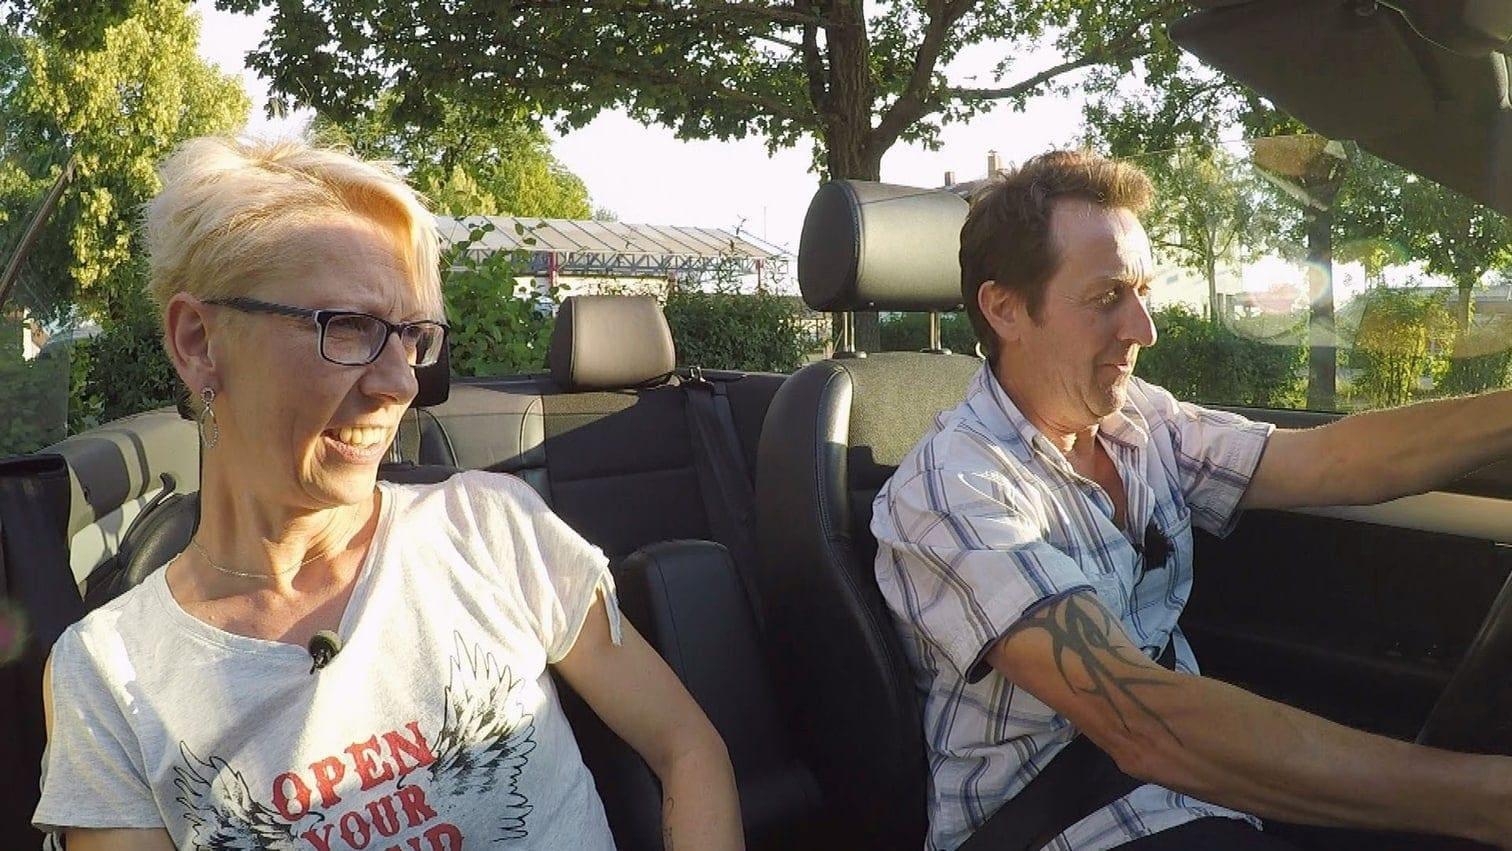 <p>Guy macht einen anzüglichen Witz. Das findet Kathrin alles andere als lustig.</p> Foto: MG RTL D